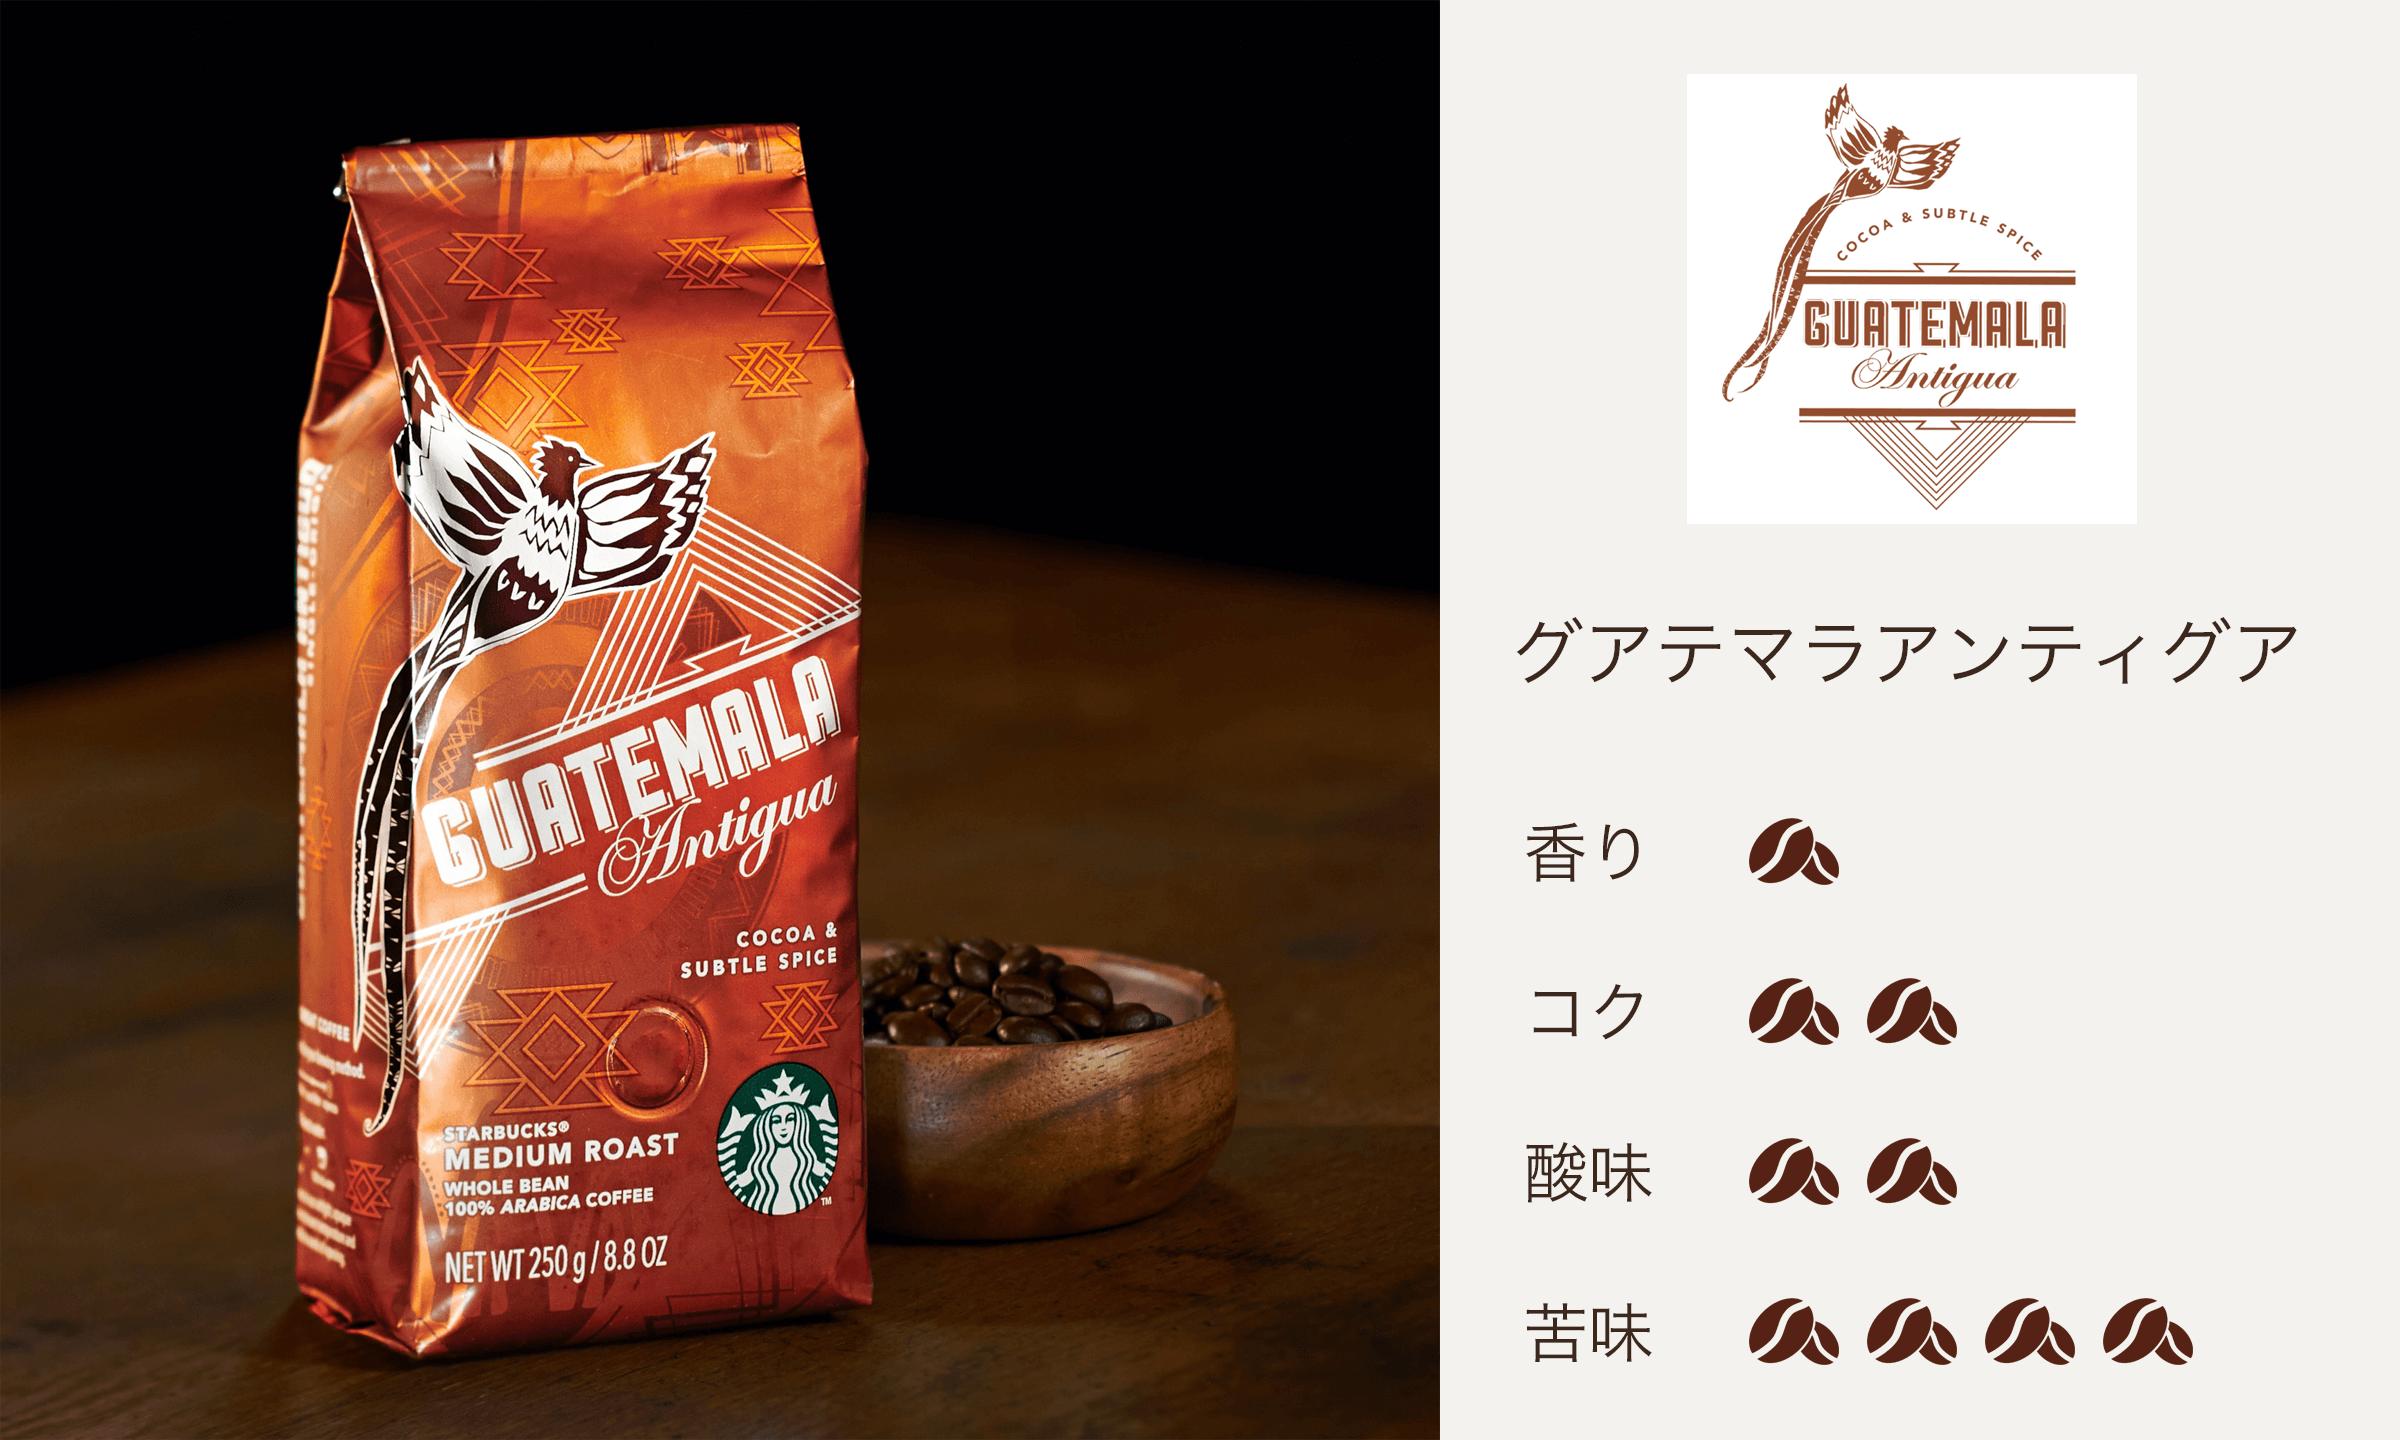 国内焙煎に変わったスタバのコーヒー豆